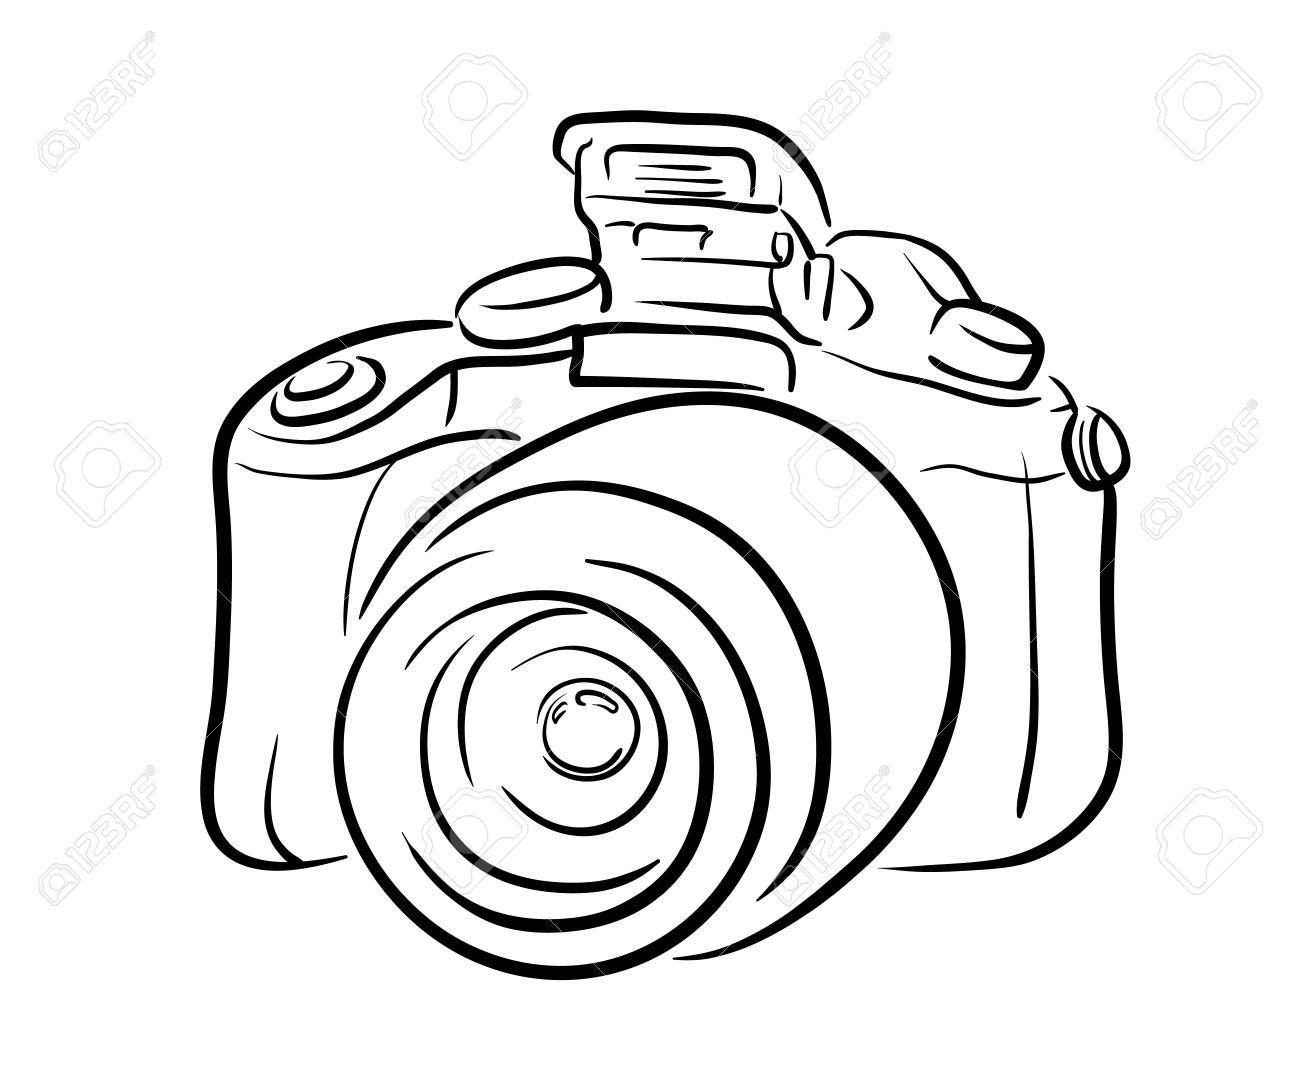 Dslr camera clipart 2 » Clipart Portal.